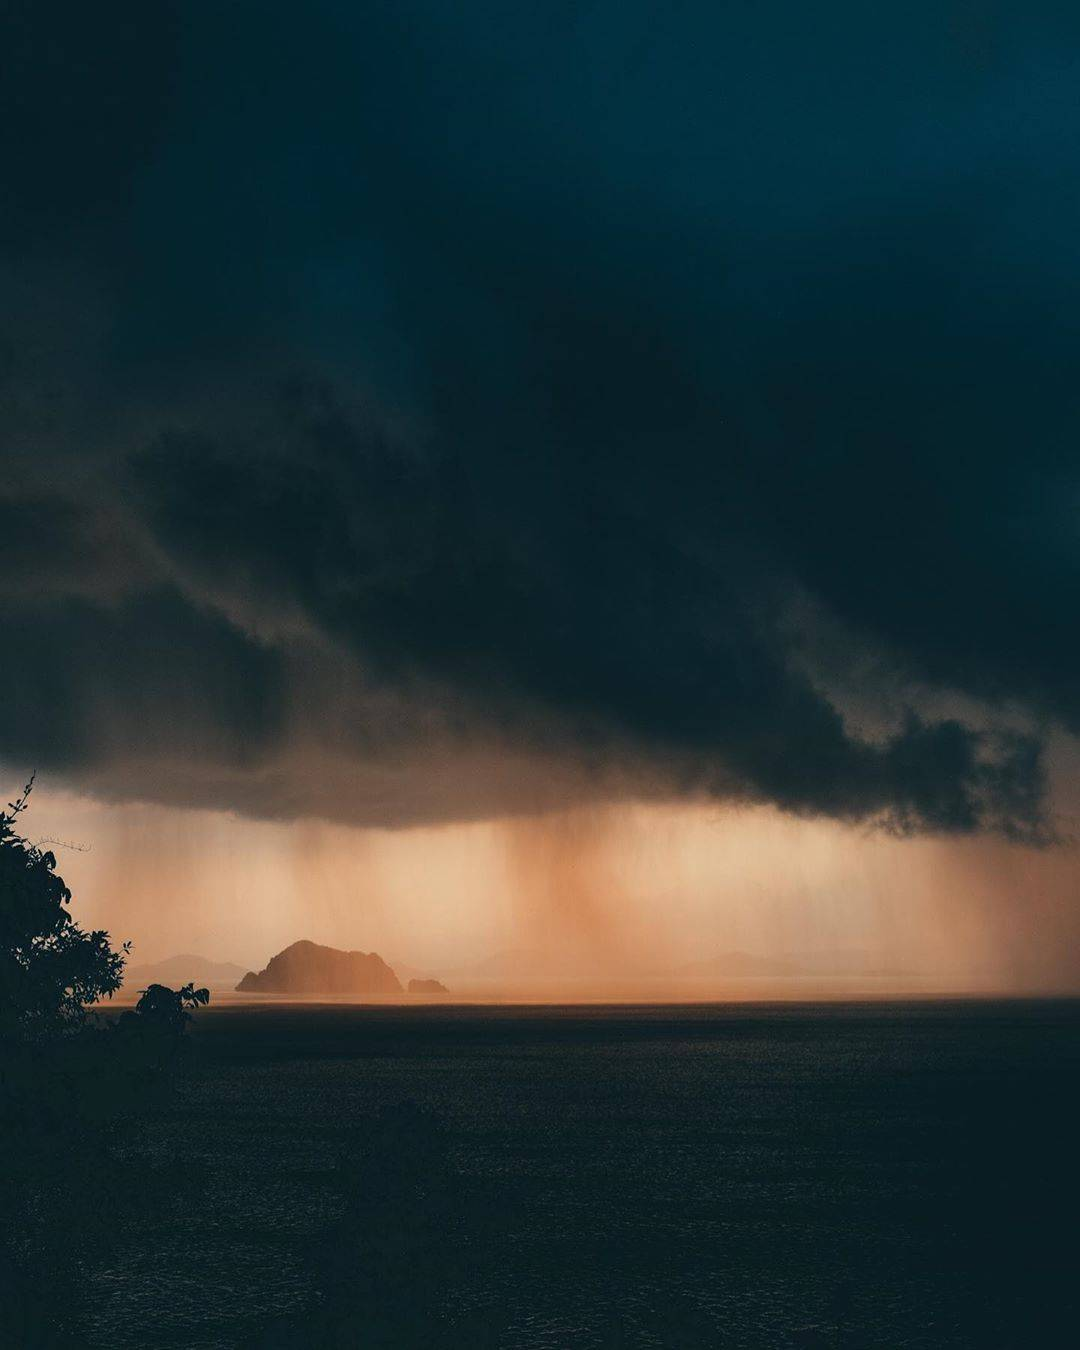 Heavy rainstorm seen from Koh Yao Yai